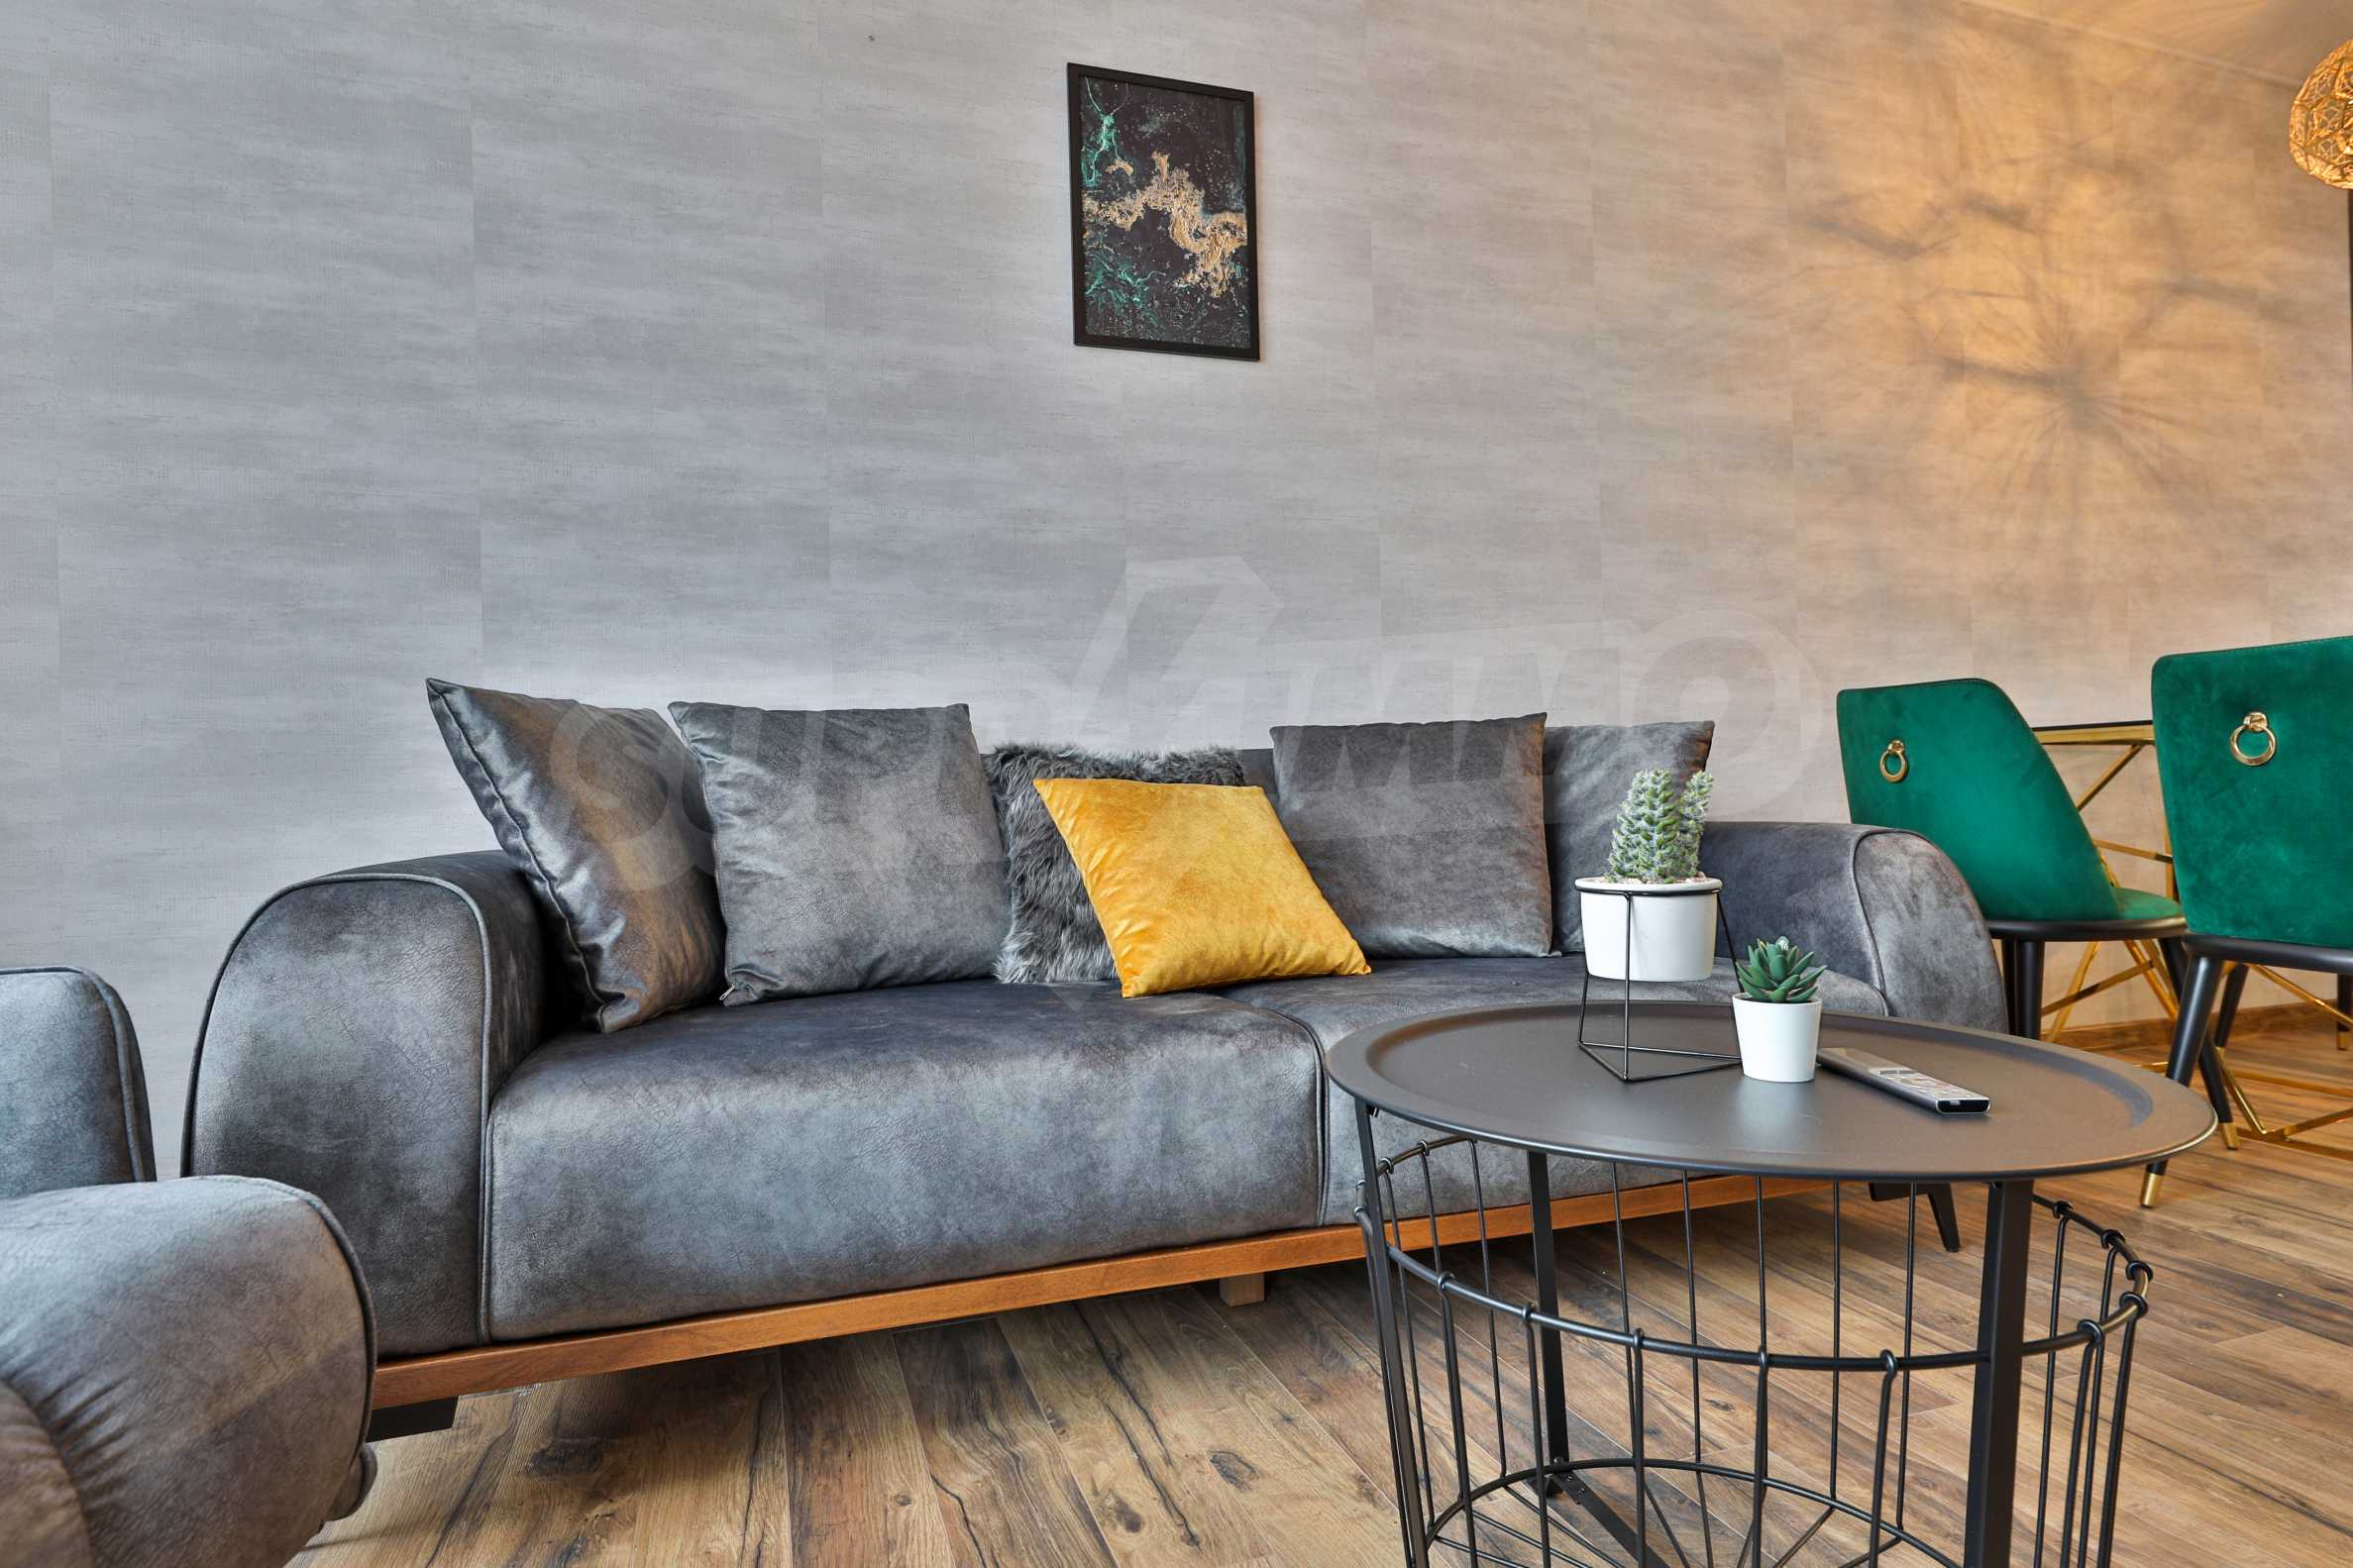 Нов, дизайнерски обзаведен двустаен апартамент с гараж в Центъра до метростанция и парк 6